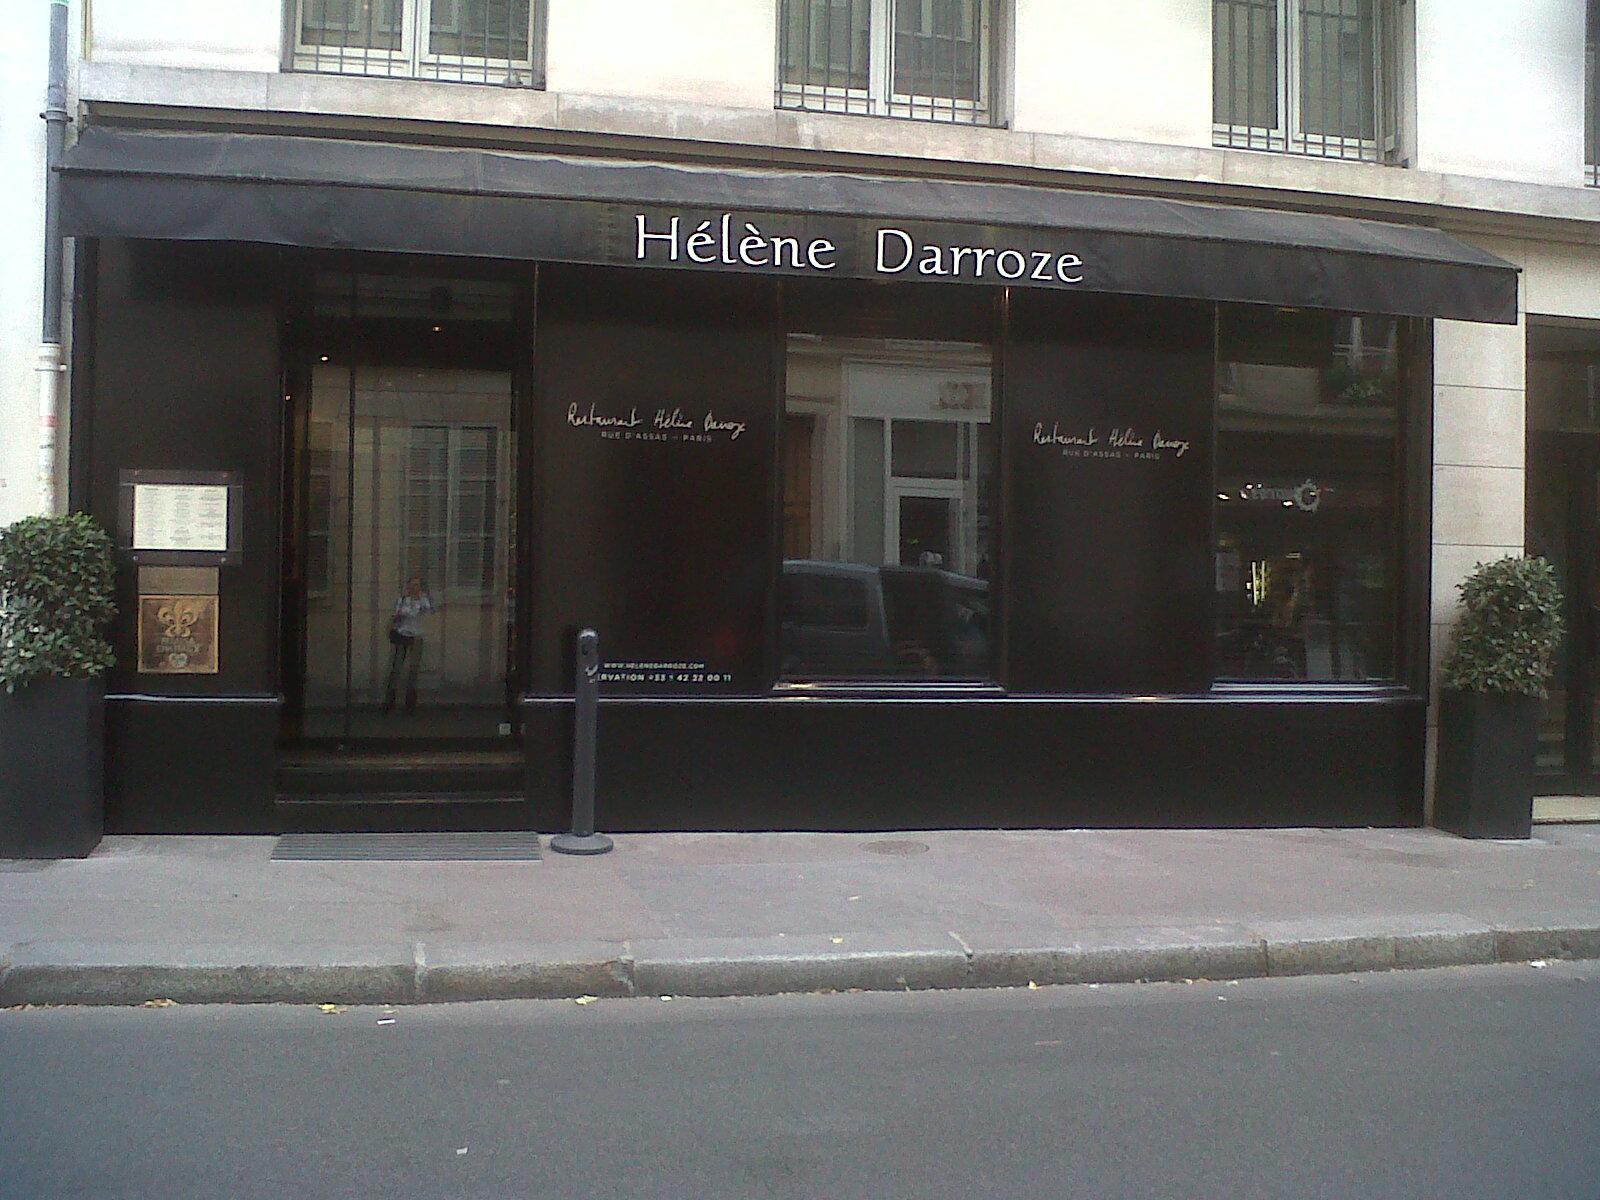 Diners A Paris La Salle A Manger D Helene Darroze Merci Helene